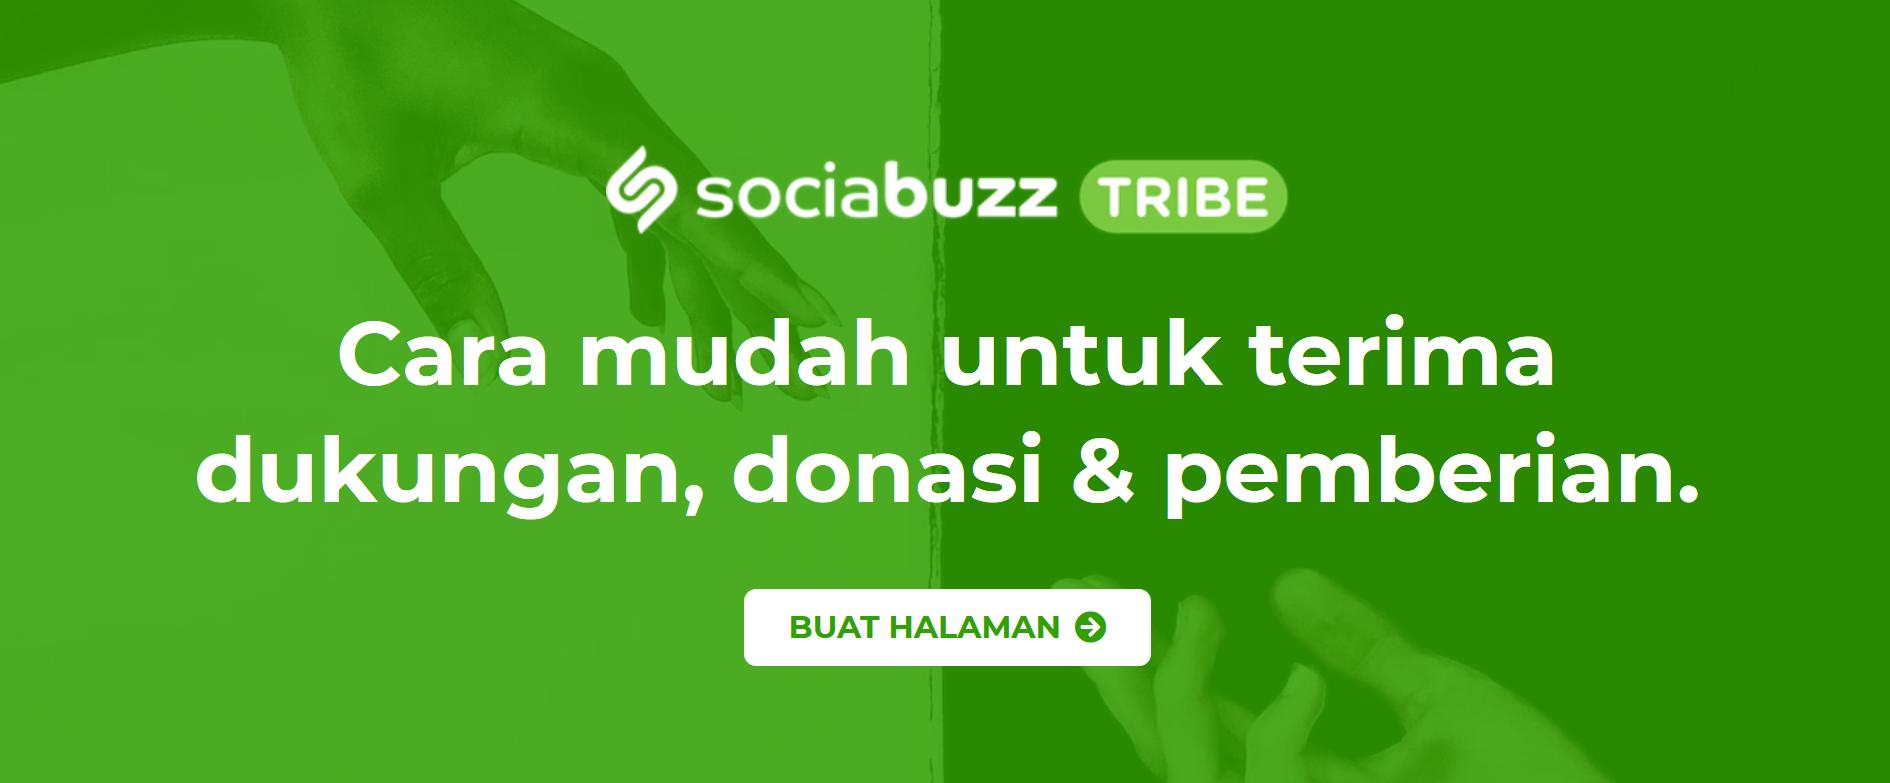 cara buat sumbangan online di Sociabuzz Tribe